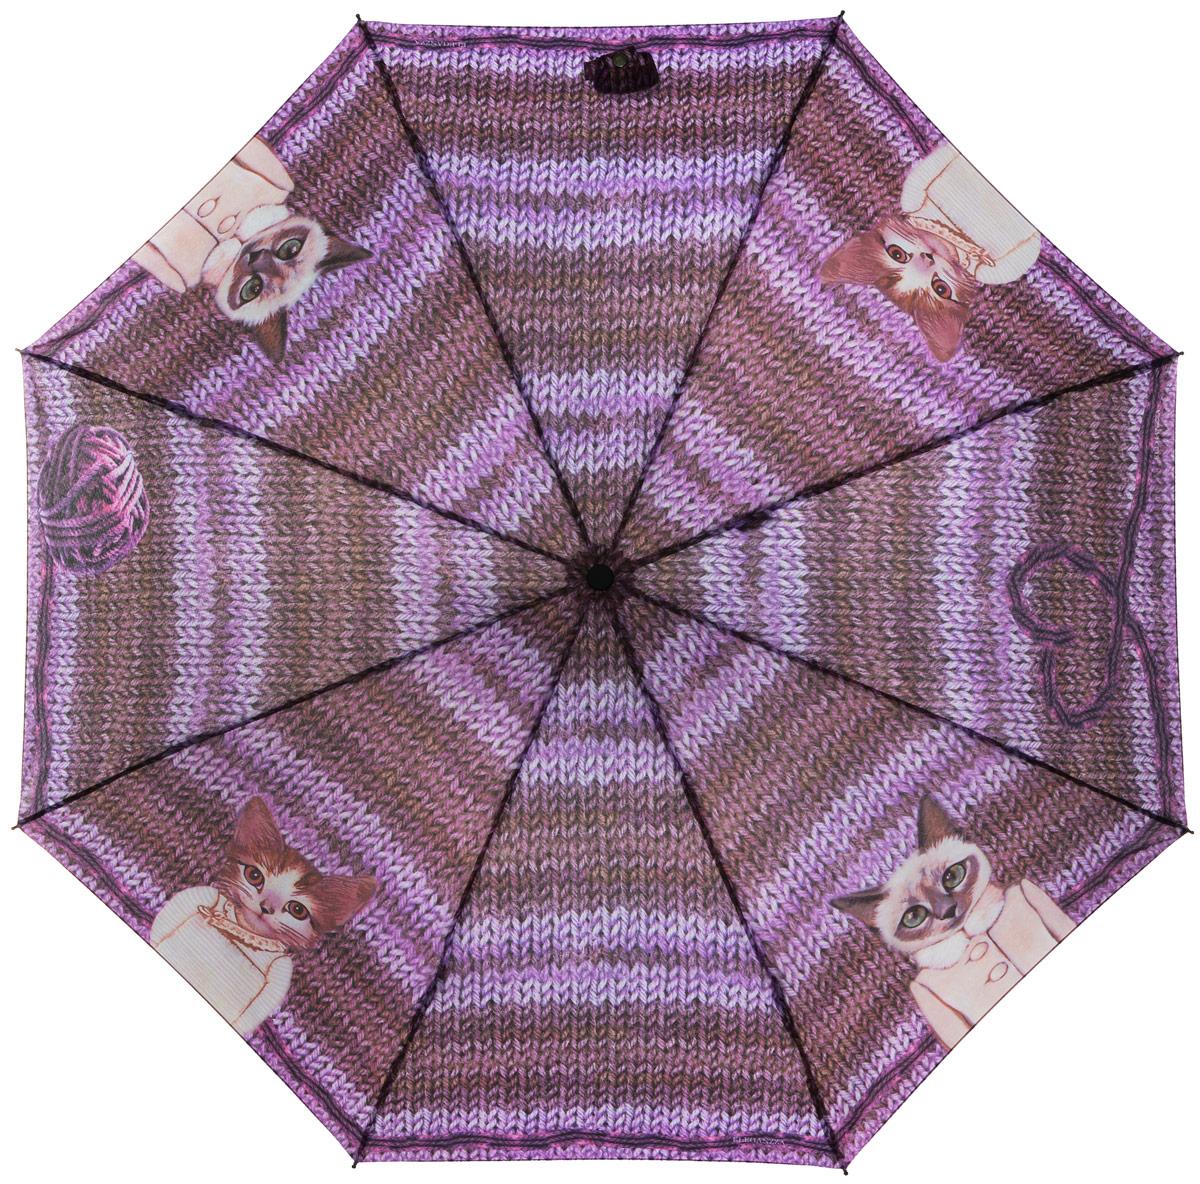 Зонт женский Eleganzza, автомат, 3 сложения, цвет: лиловый. A3-05-0269A3-05-0269Стильный и элегантный зонт Eleganzza не оставит вас незамеченной. Зонт оформлен оригинальной художественной печатью с изображением котов. Зонт состоит из восьми спиц и стержня, изготовленных из стали и фибергласса. Купол выполнен из качественного полиэстера и эпонжа, которые не пропускают воду. Зонт дополнен удобной ручкой из пластика. Зонт имеет автоматический механизм сложения: купол открывается и закрывается нажатием кнопки на ручке, стержень складывается вручную до характерного щелчка, благодаря чему открыть и закрыть зонт можно одной рукой. Ручка дополнена петлей, благодаря которой зонт можно носить на запястье. К зонту прилагается чехол. Удобный и практичный аксессуар даже в ненастную погоду позволит вам оставаться женственной и привлекательной.